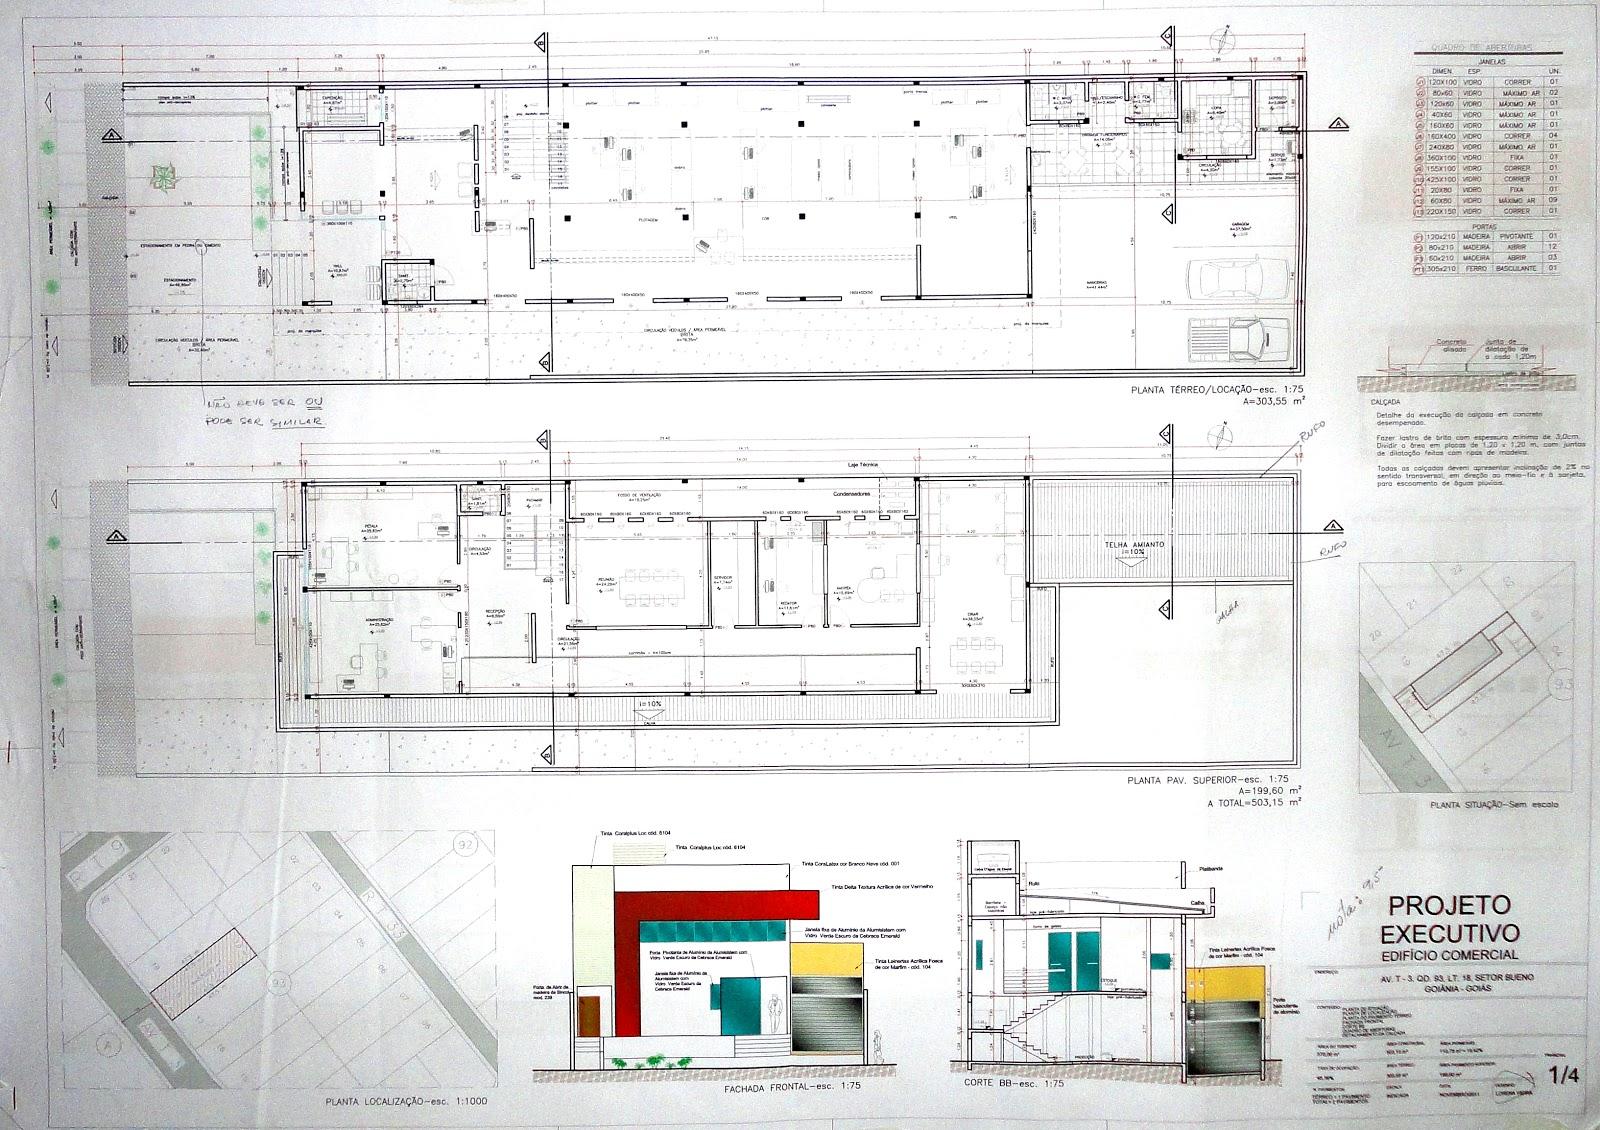 Lorena V. Duarte Arquitetura e Urbanismo: Dezembro 2011 #87130B 1600 1130